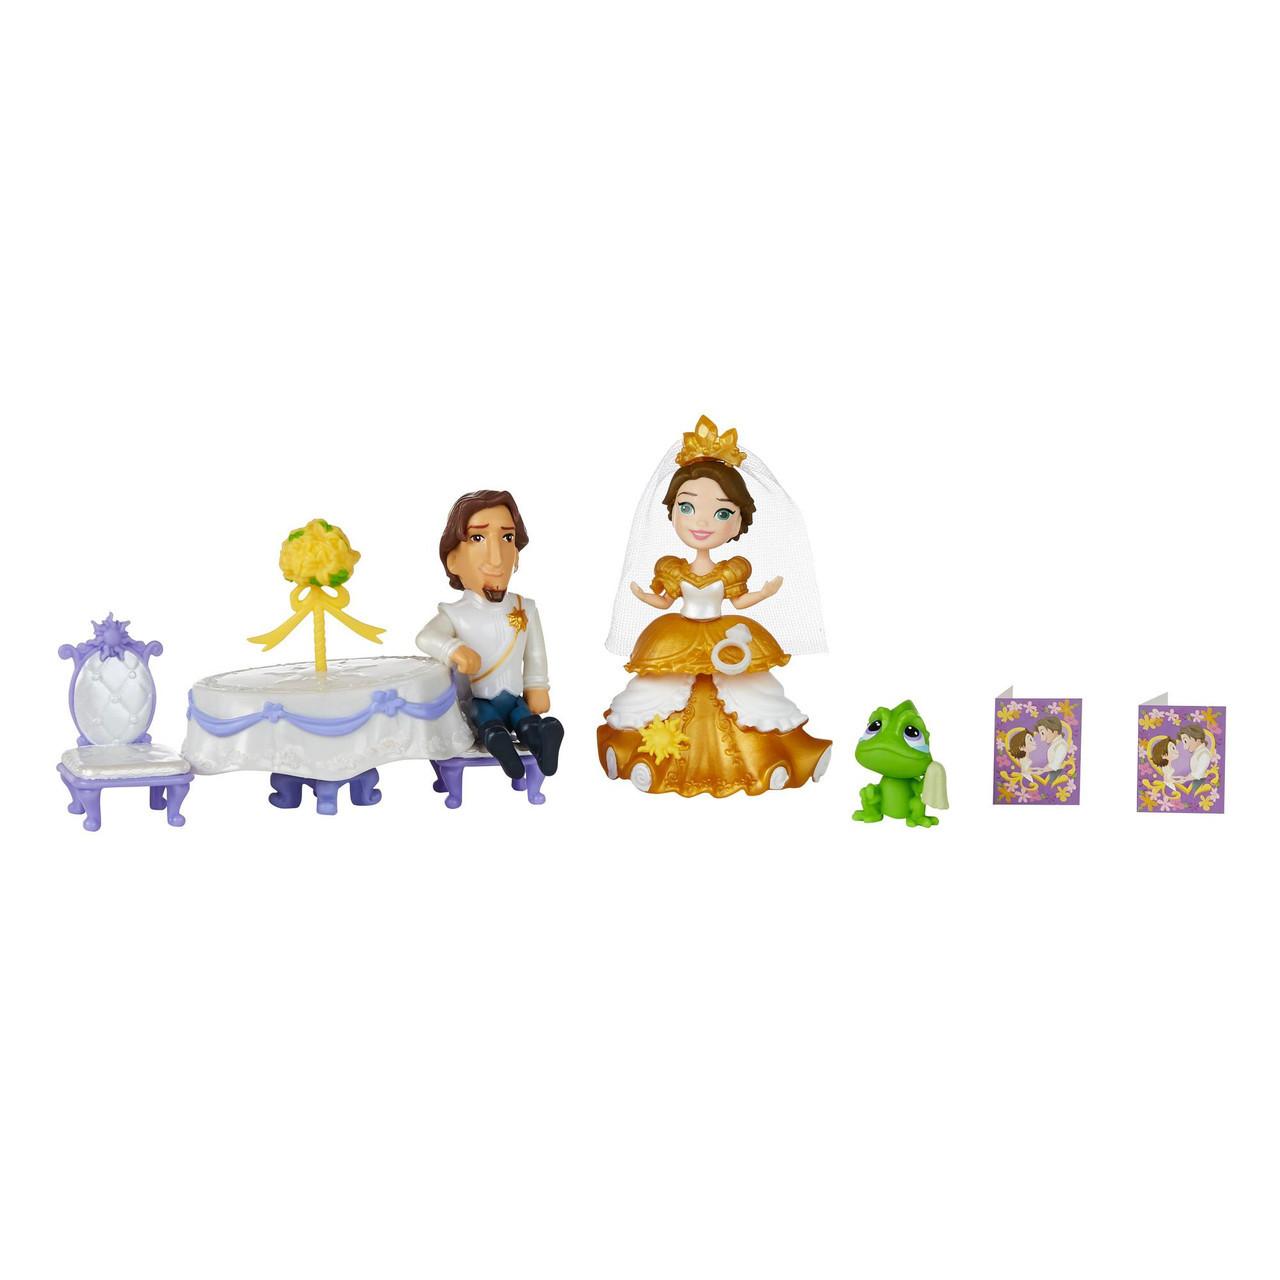 Ігровий набір Hasbro Disney Princess Принцеса Рапунцель і сцена з фільму (B5341-B5343)